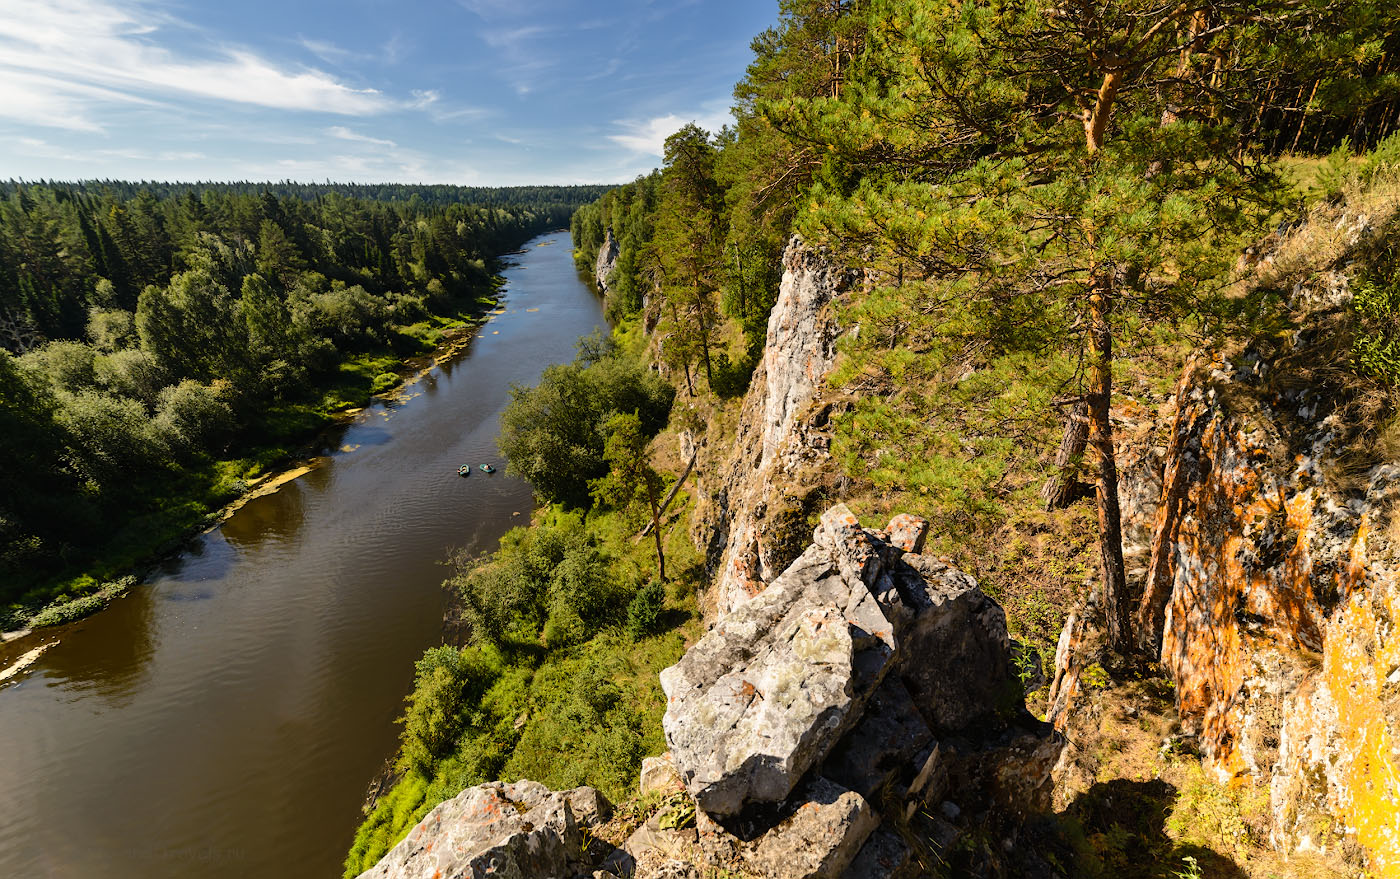 Фотография 8. Сплав по реке Чусовая в окрестностях села Слобода.